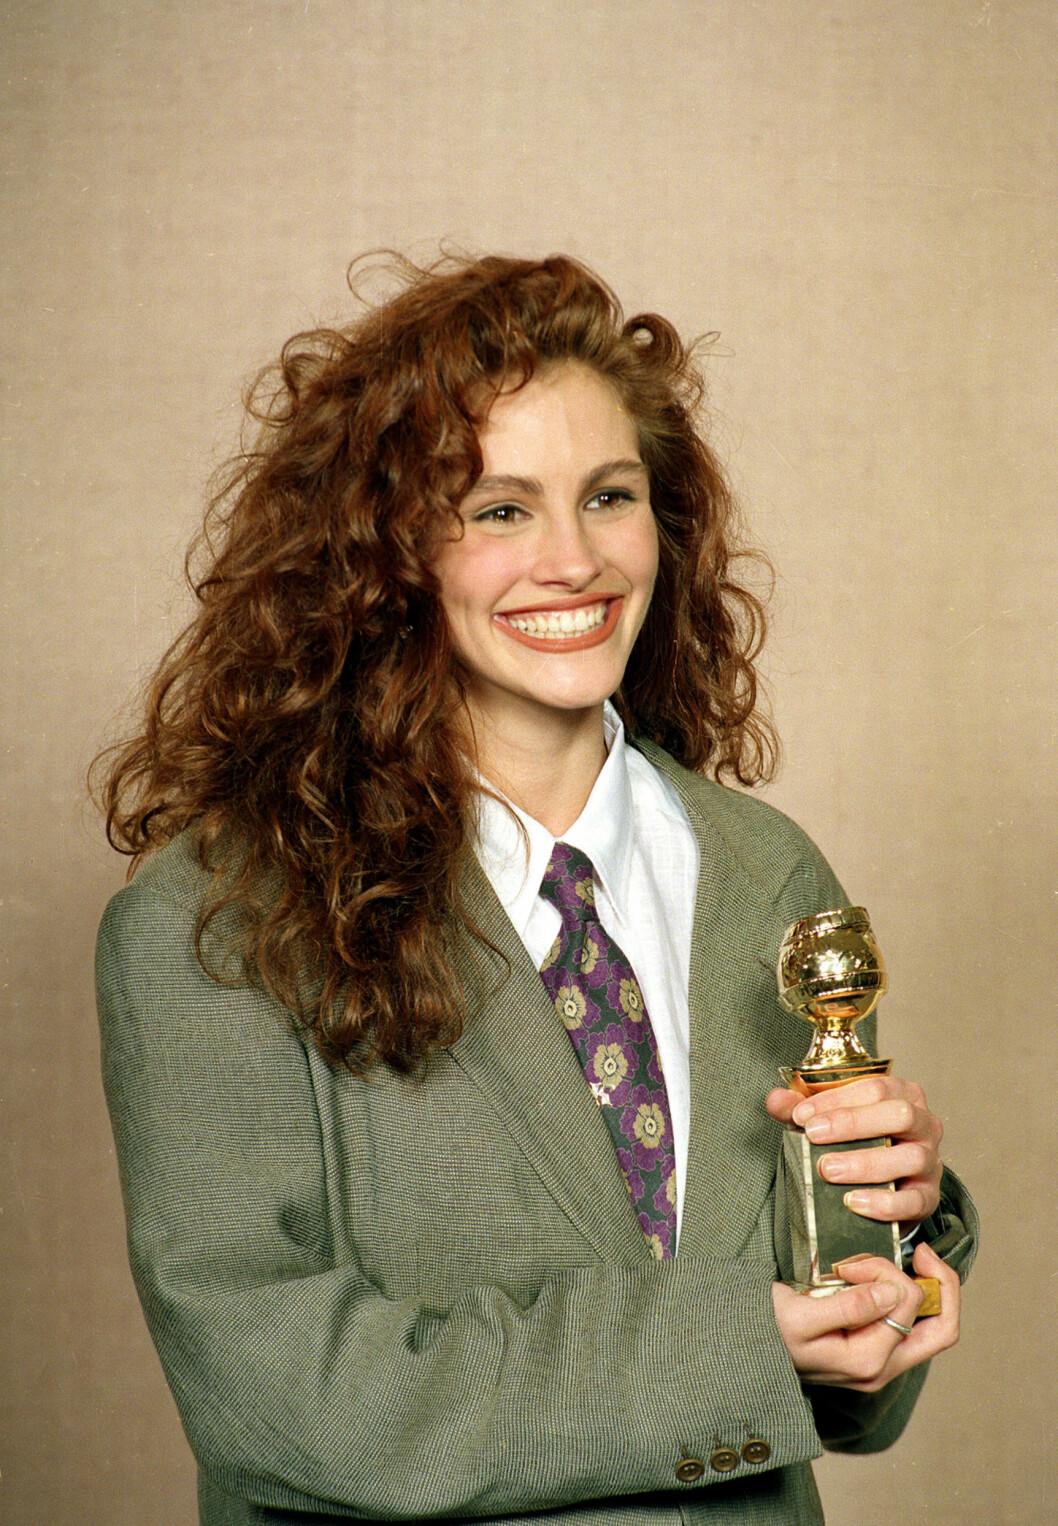 Julia Roberts vant Golden Globe for beste kvinnelige birolle i 1990.